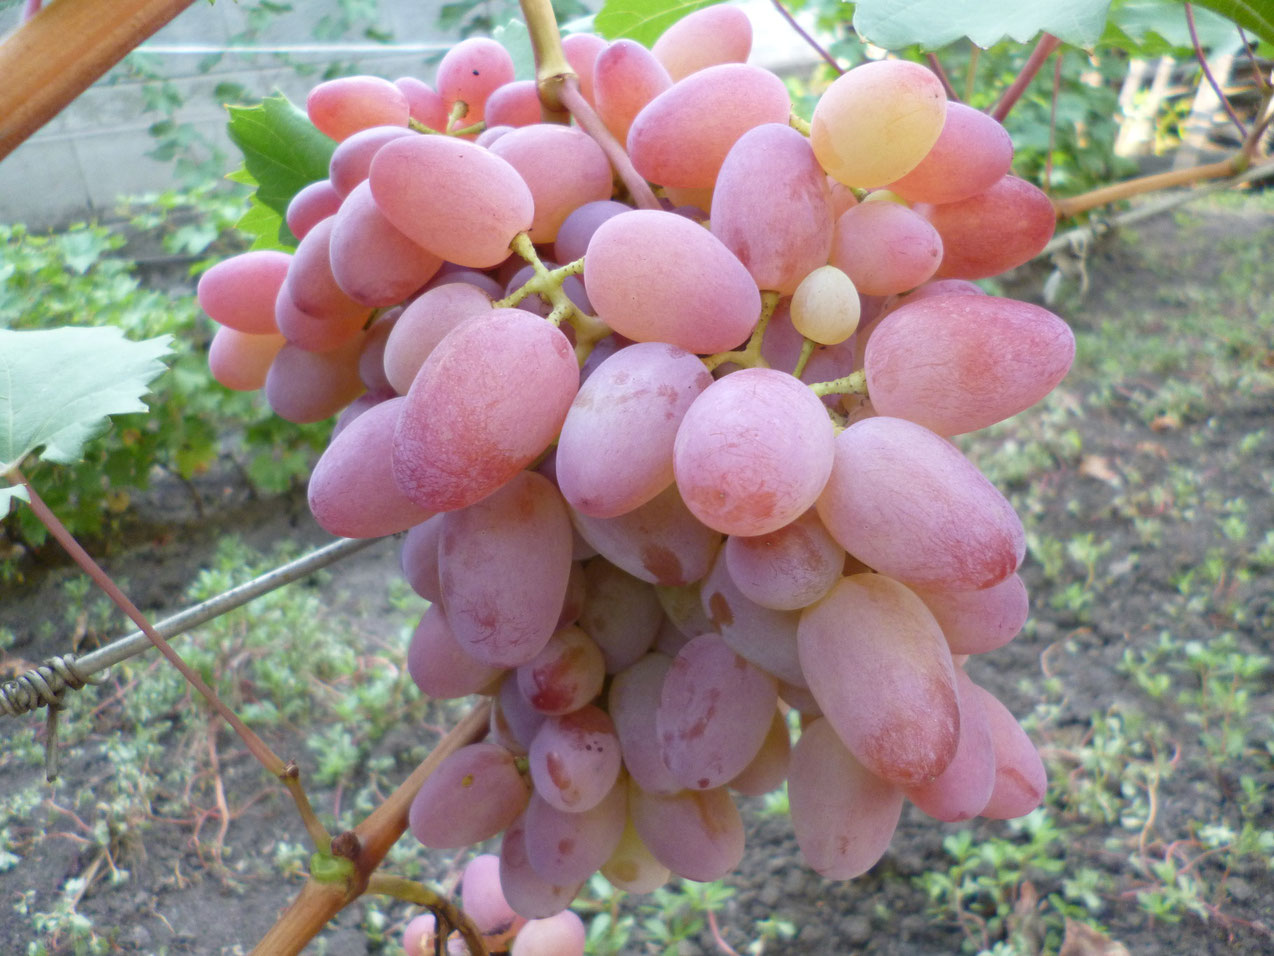 Лучшие сорта винограда для подмосковья - 20 самых вкусных, морозостойких